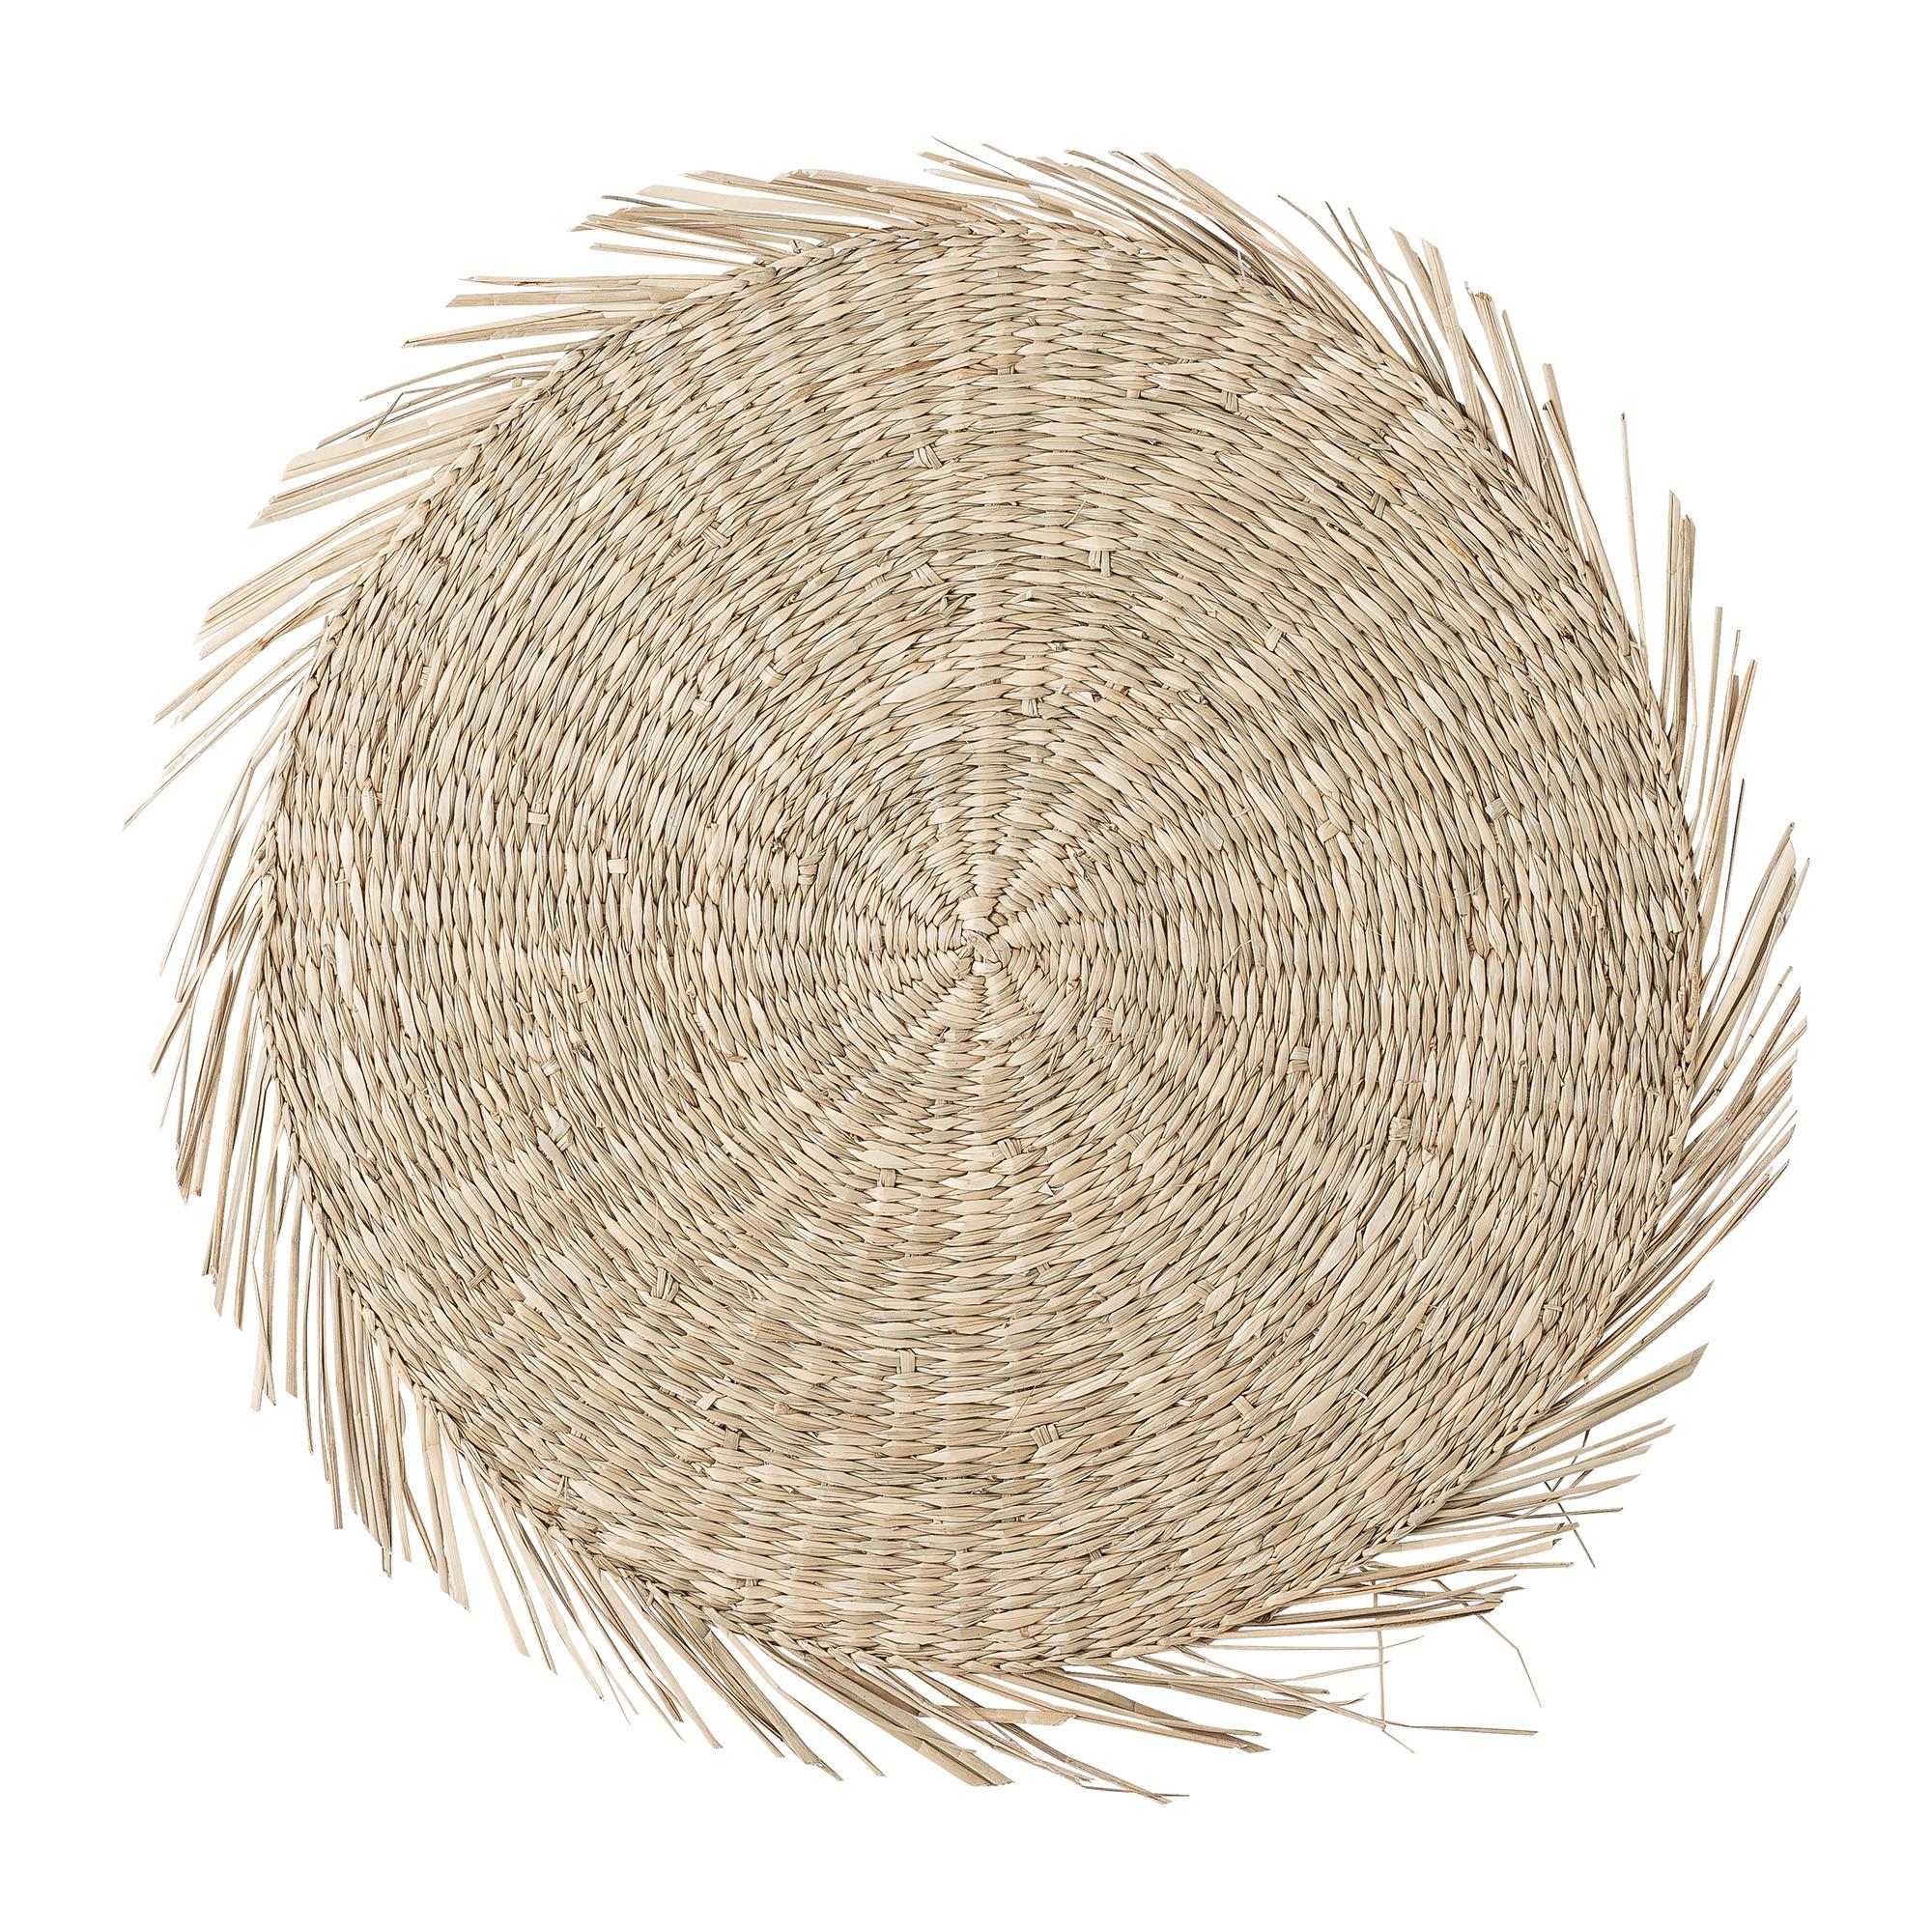 Ilsa Dækkeserviet, natur – Søgræs